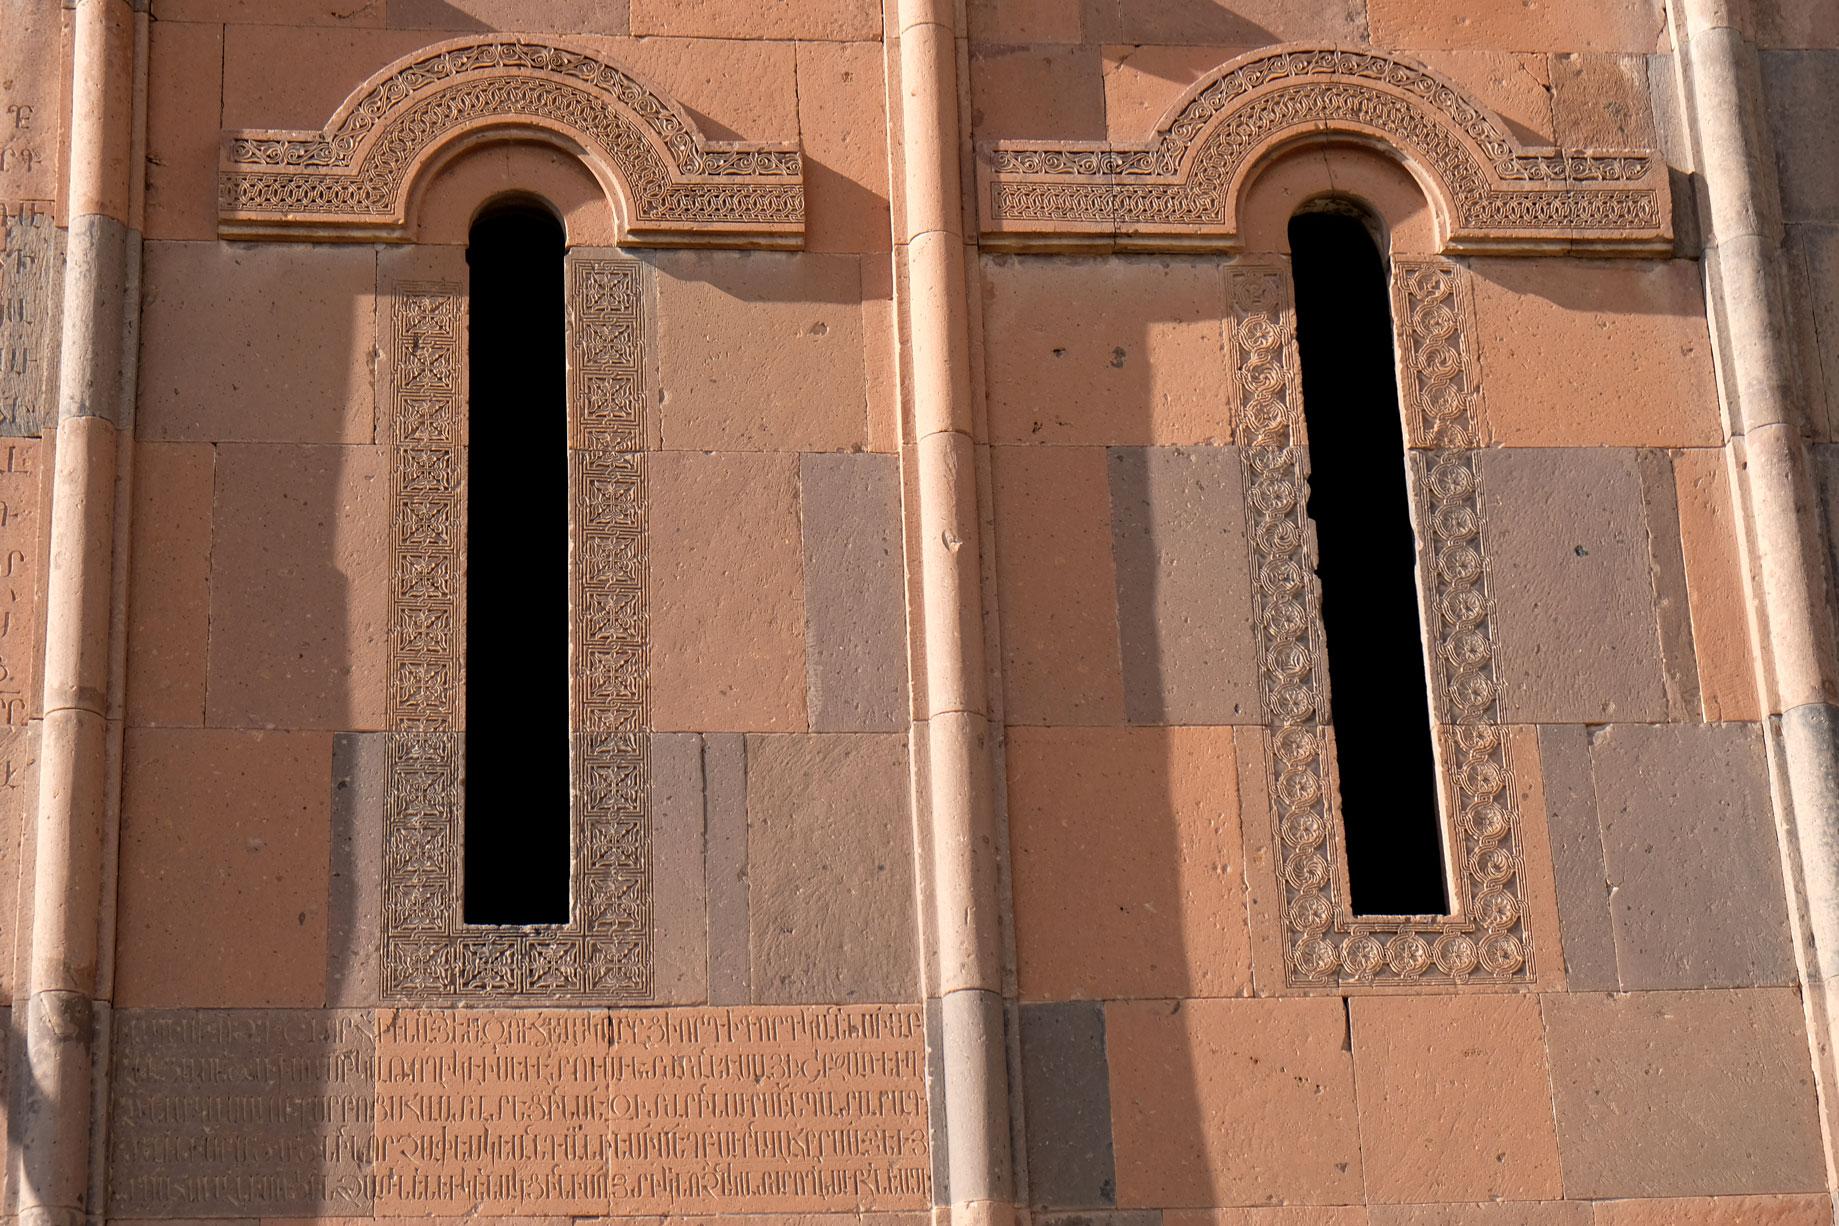 Kirchenfenster mit armenischer Inschrift